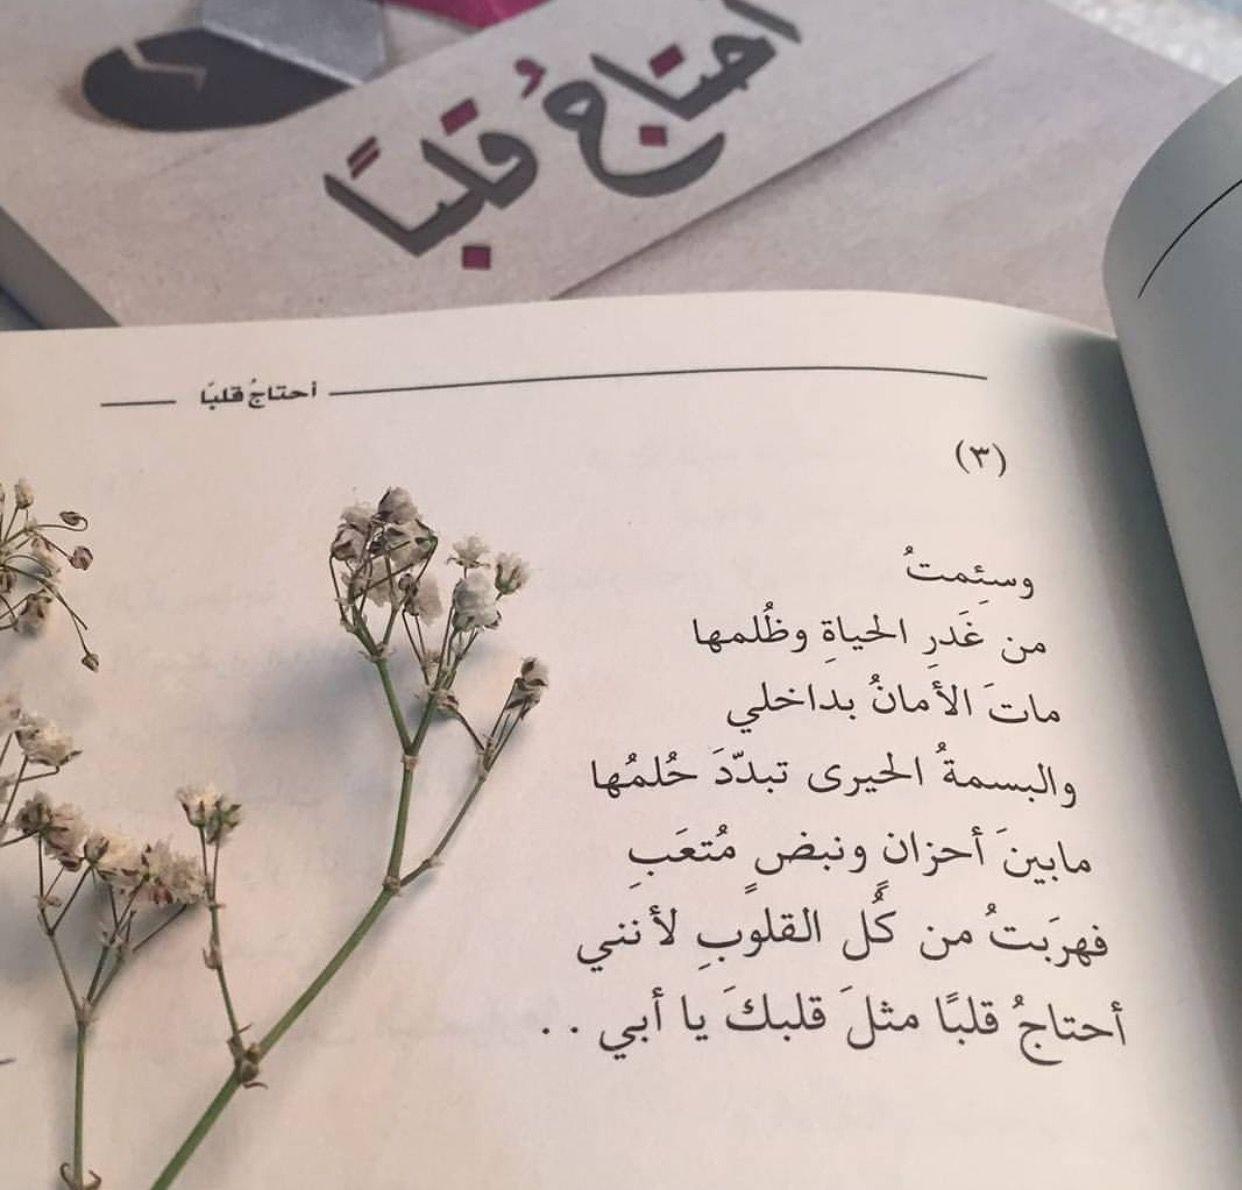 أحتاج قلبا مثل قلبك يا أبي د ماجد عبدالله Words Typography Quotes